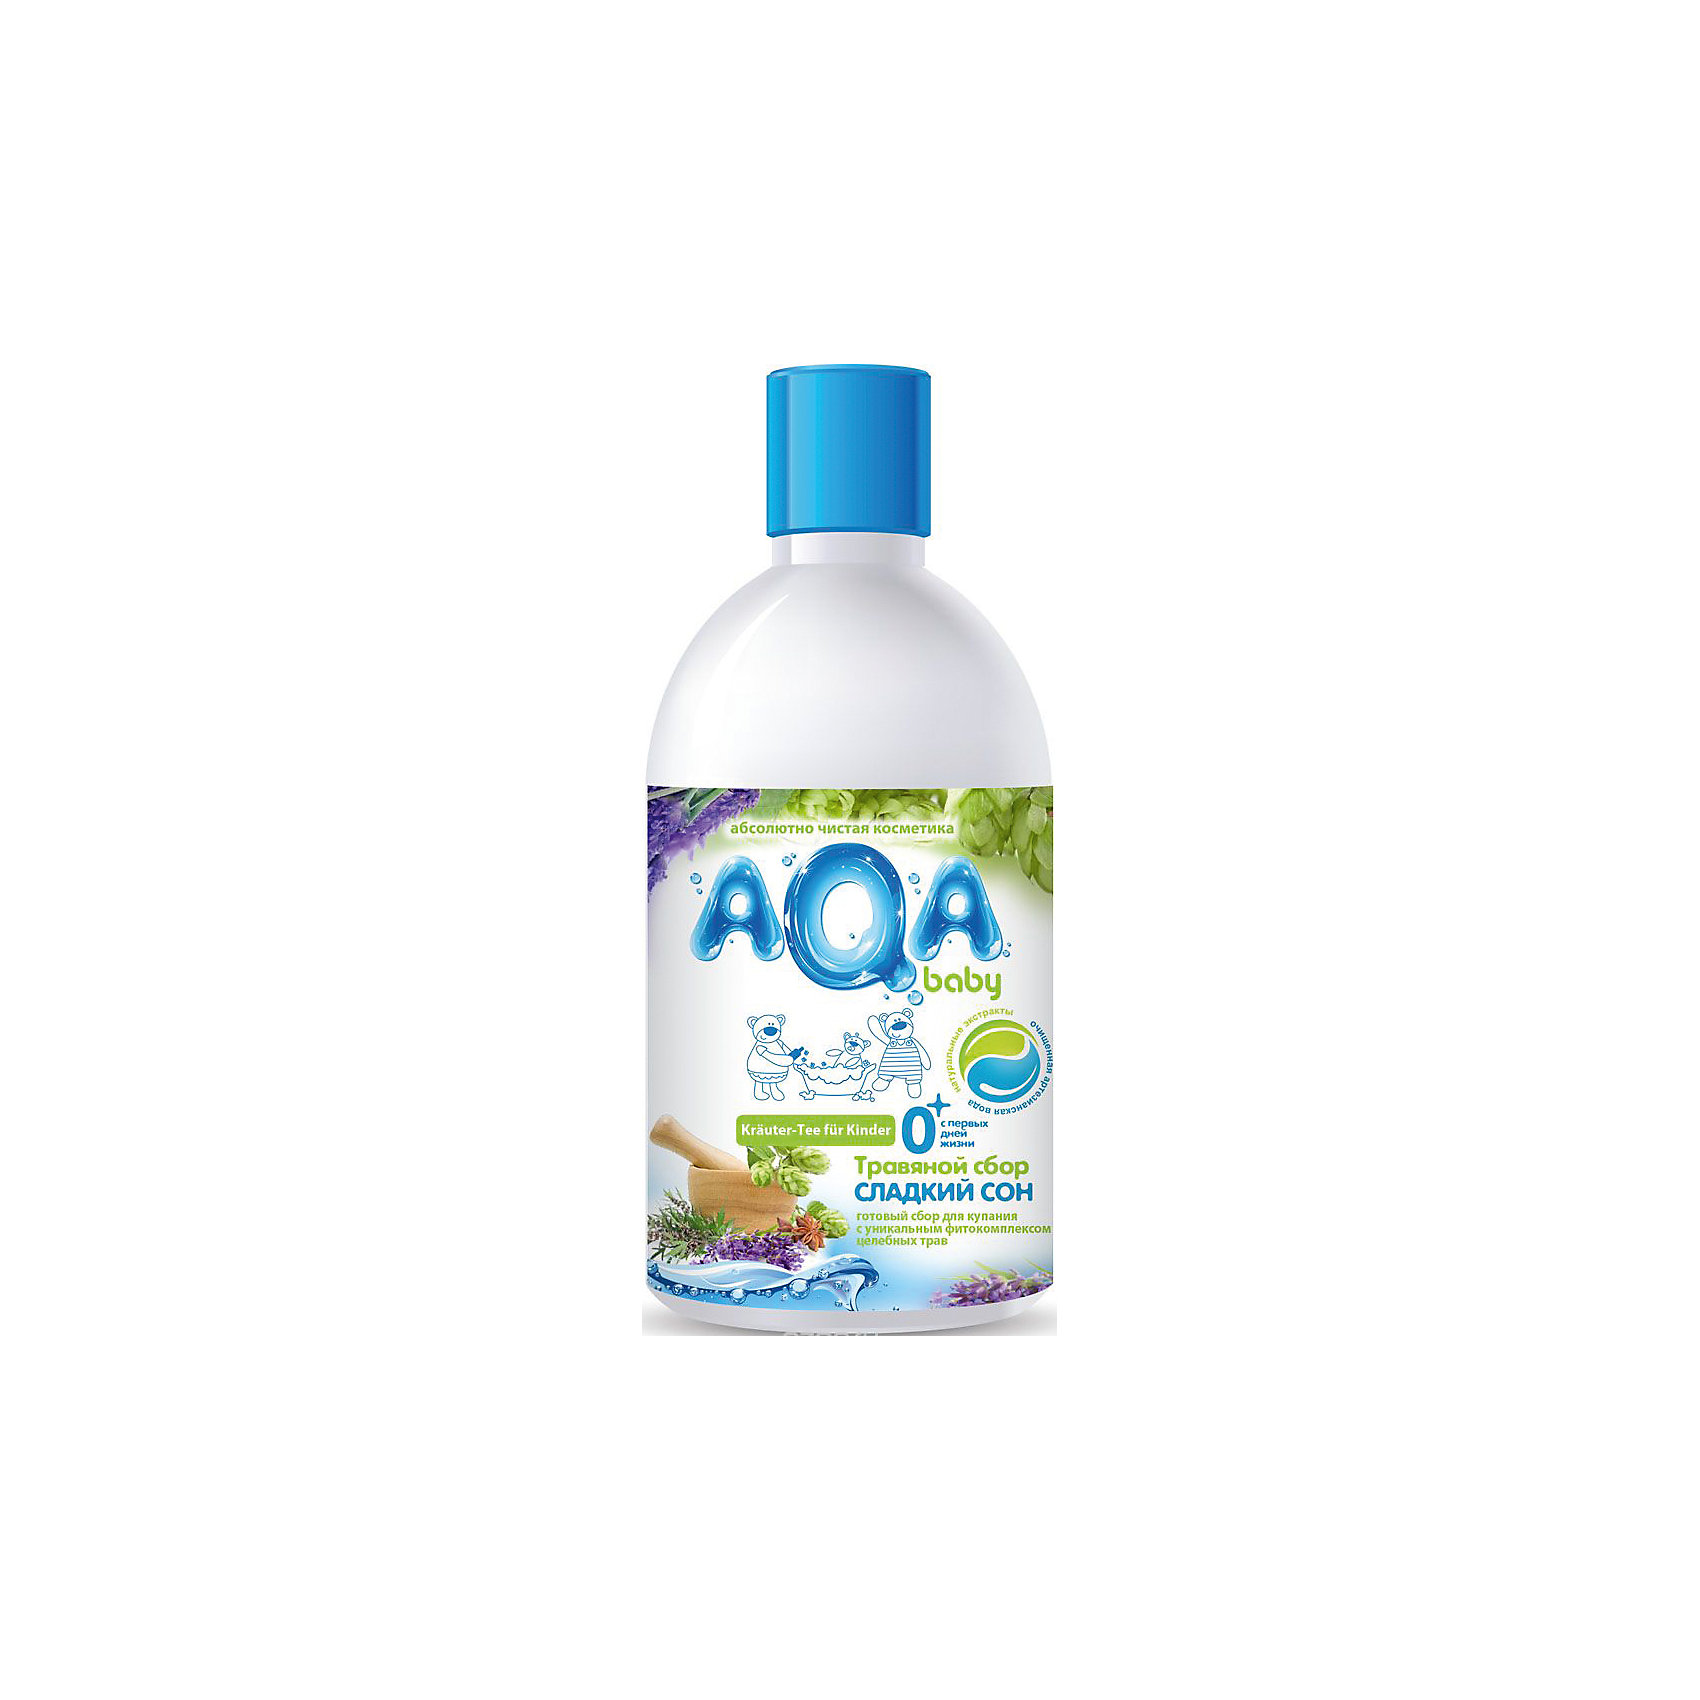 AQA baby Травяной сбор для купания малышей Сладкий сон, AQA baby, 300 мл средство для купания aqa baby травяной сбор сладкий сон 300 мл